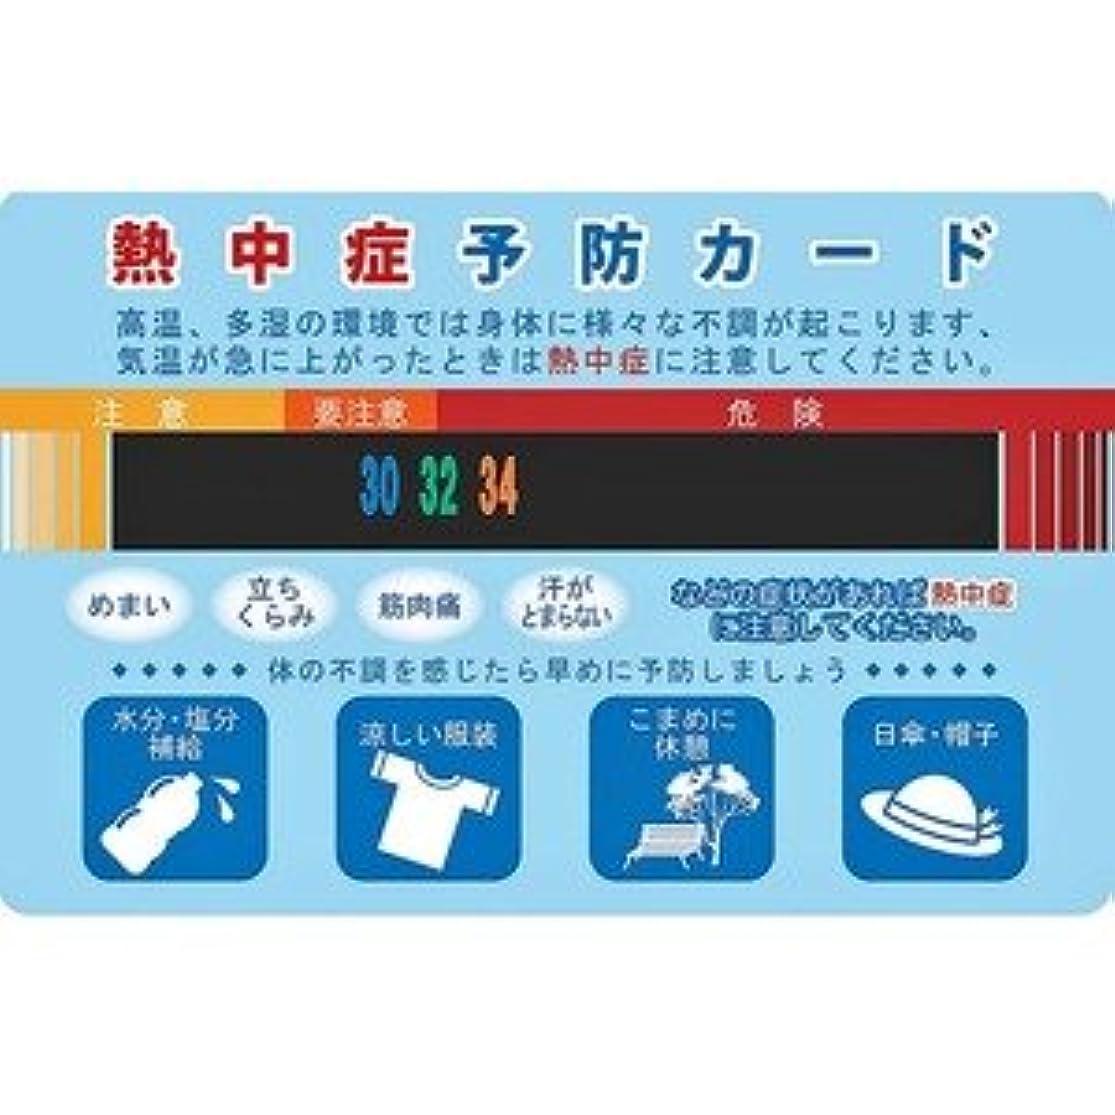 近代化抑圧するカタログ熱中症予防カード?NE1 【100枚セット】 熱中症対策